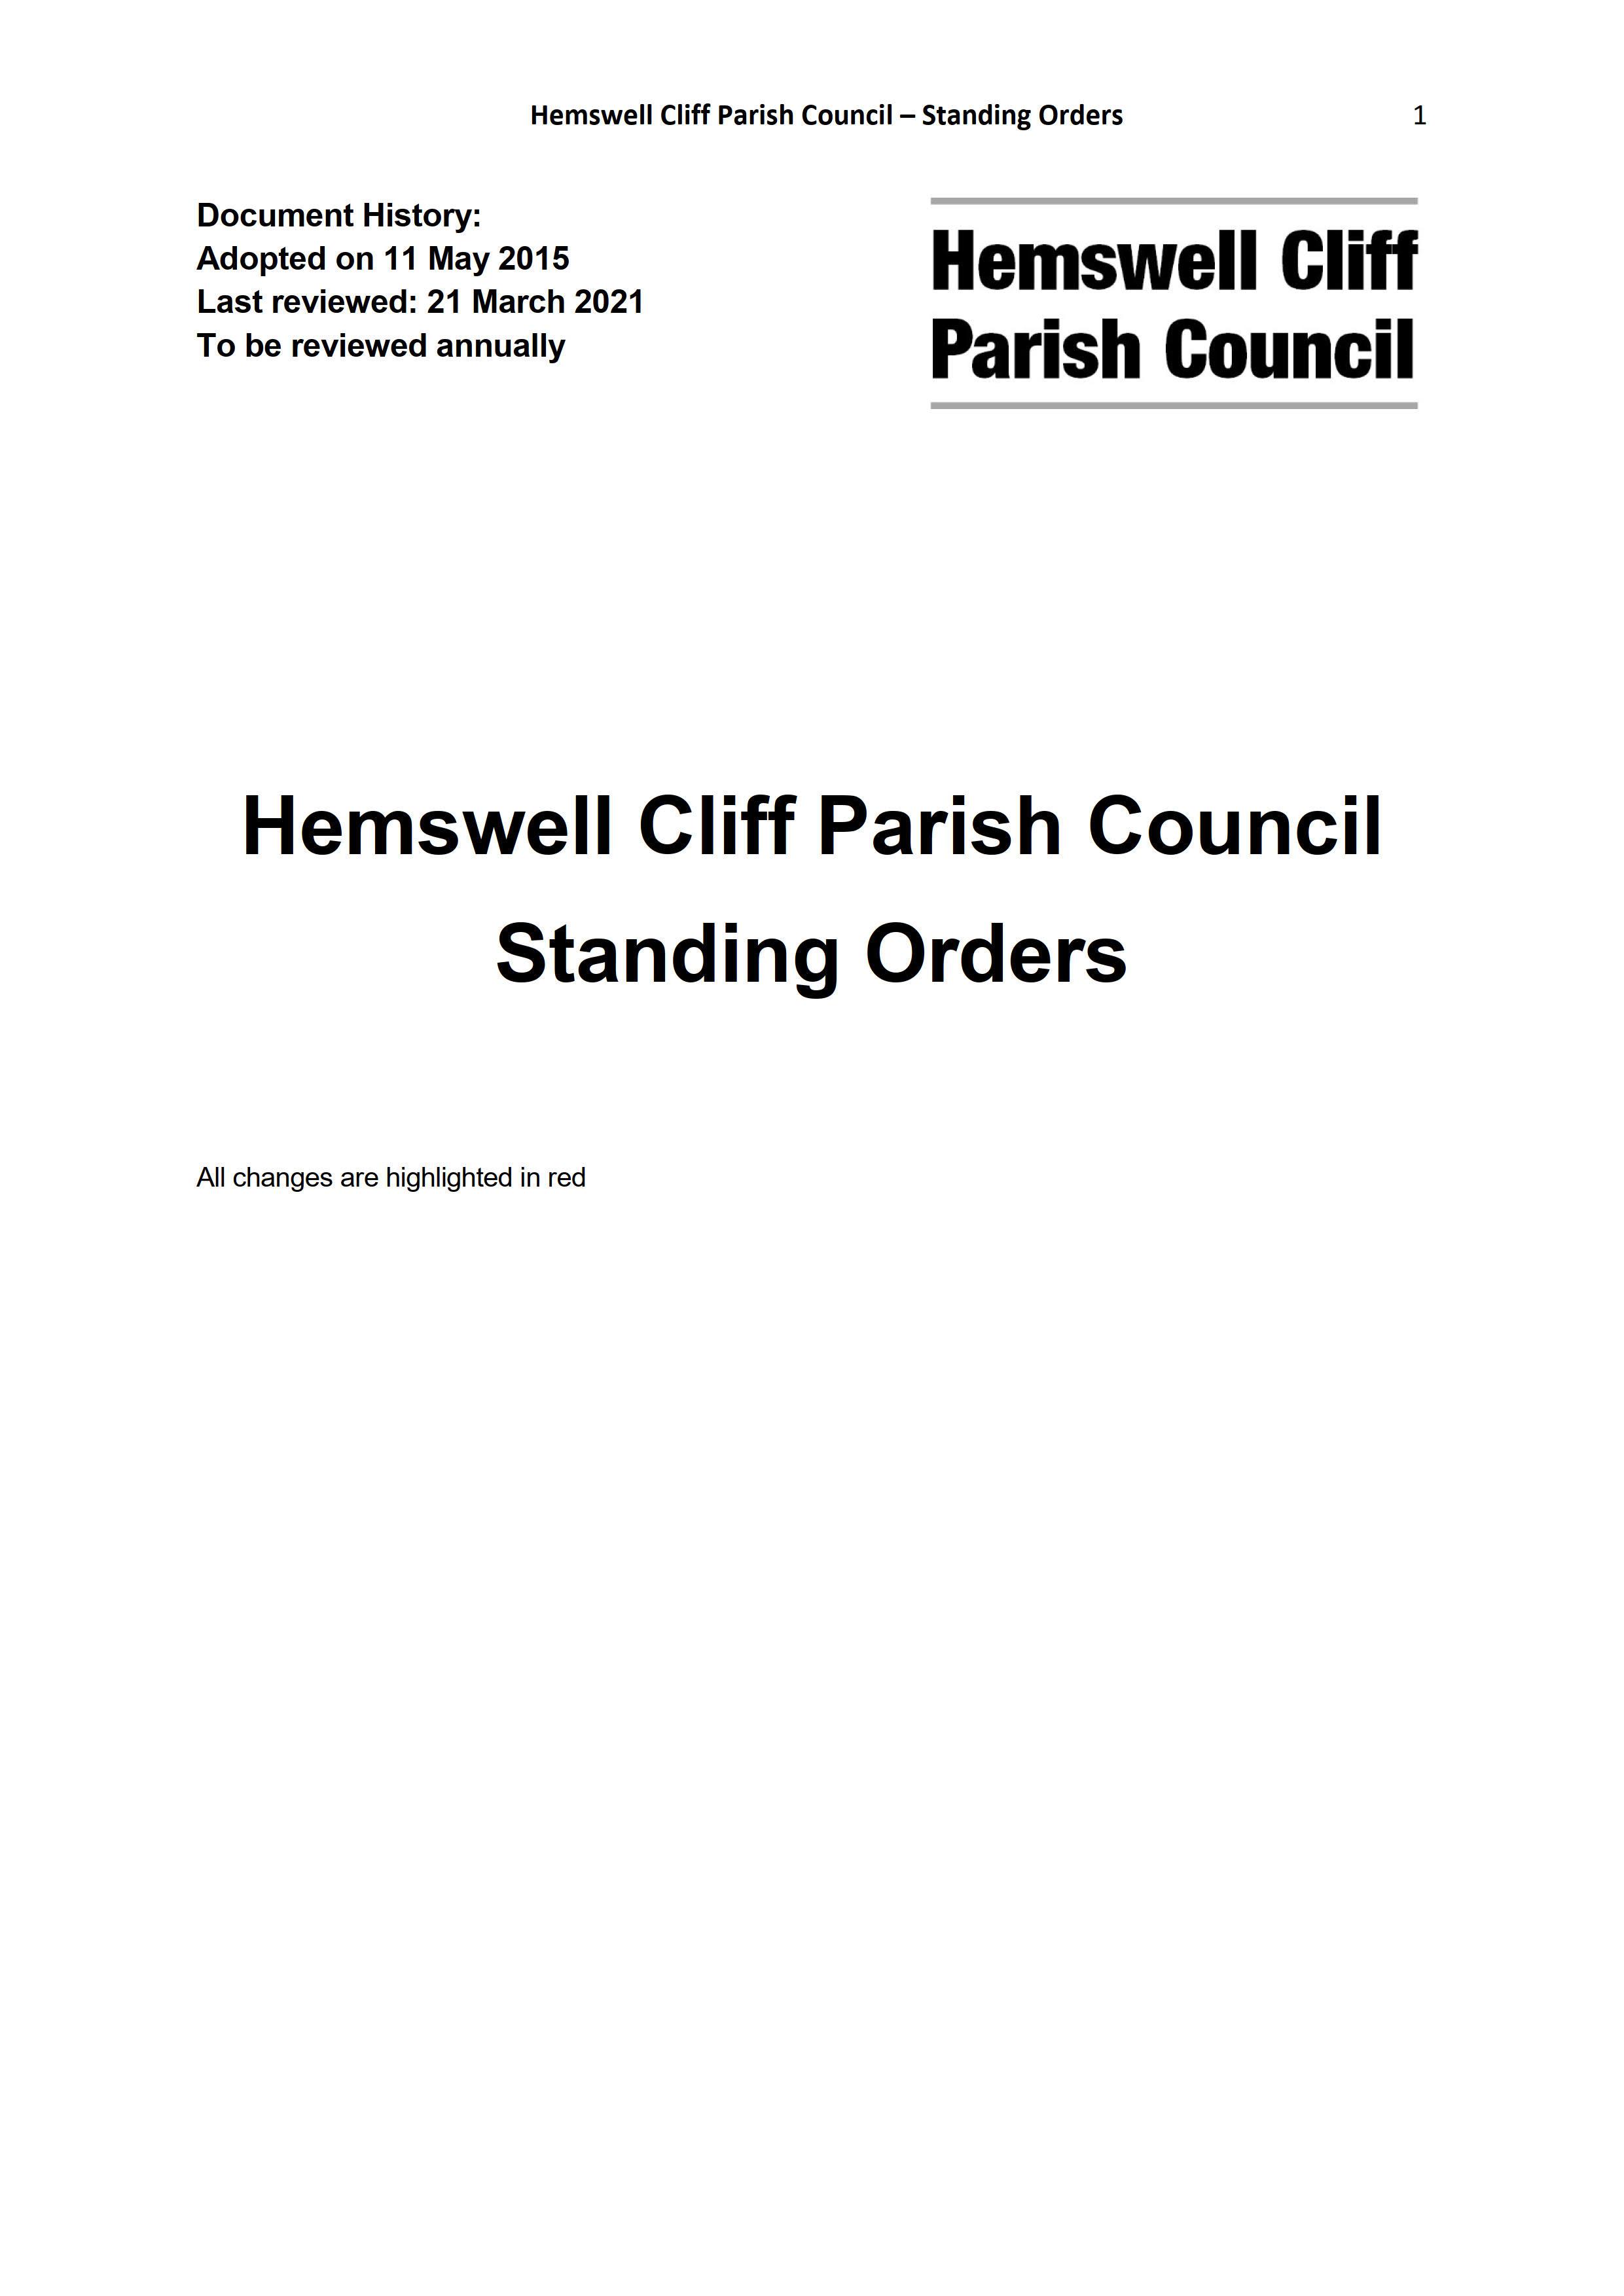 Item_14_2021HCPC.Standing_Orders_01.jpg